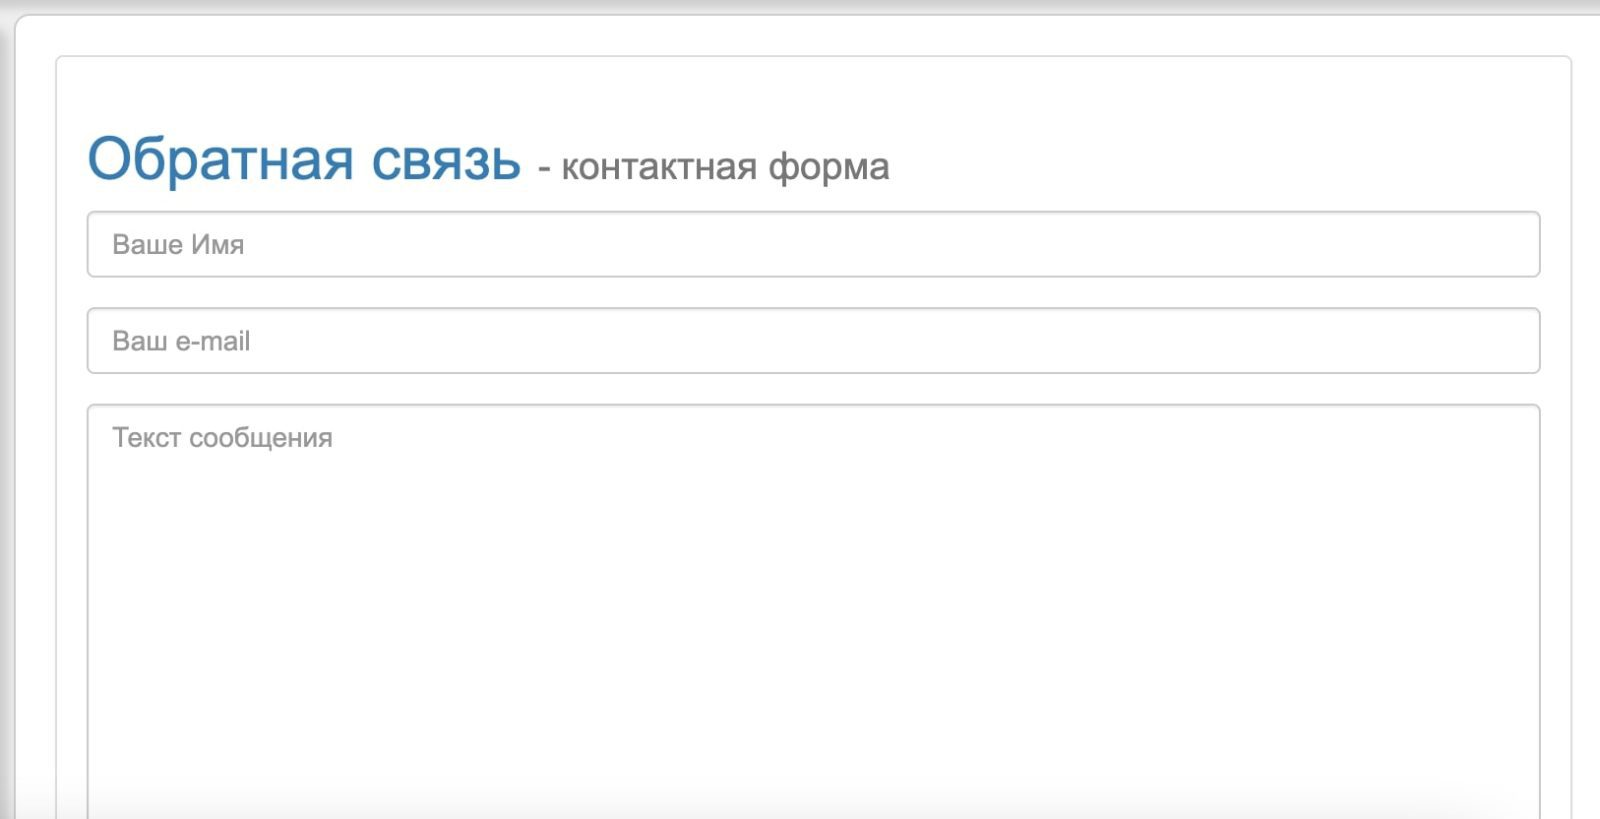 Обратная связь на сайте Fon-toto.ru (Фон тото)